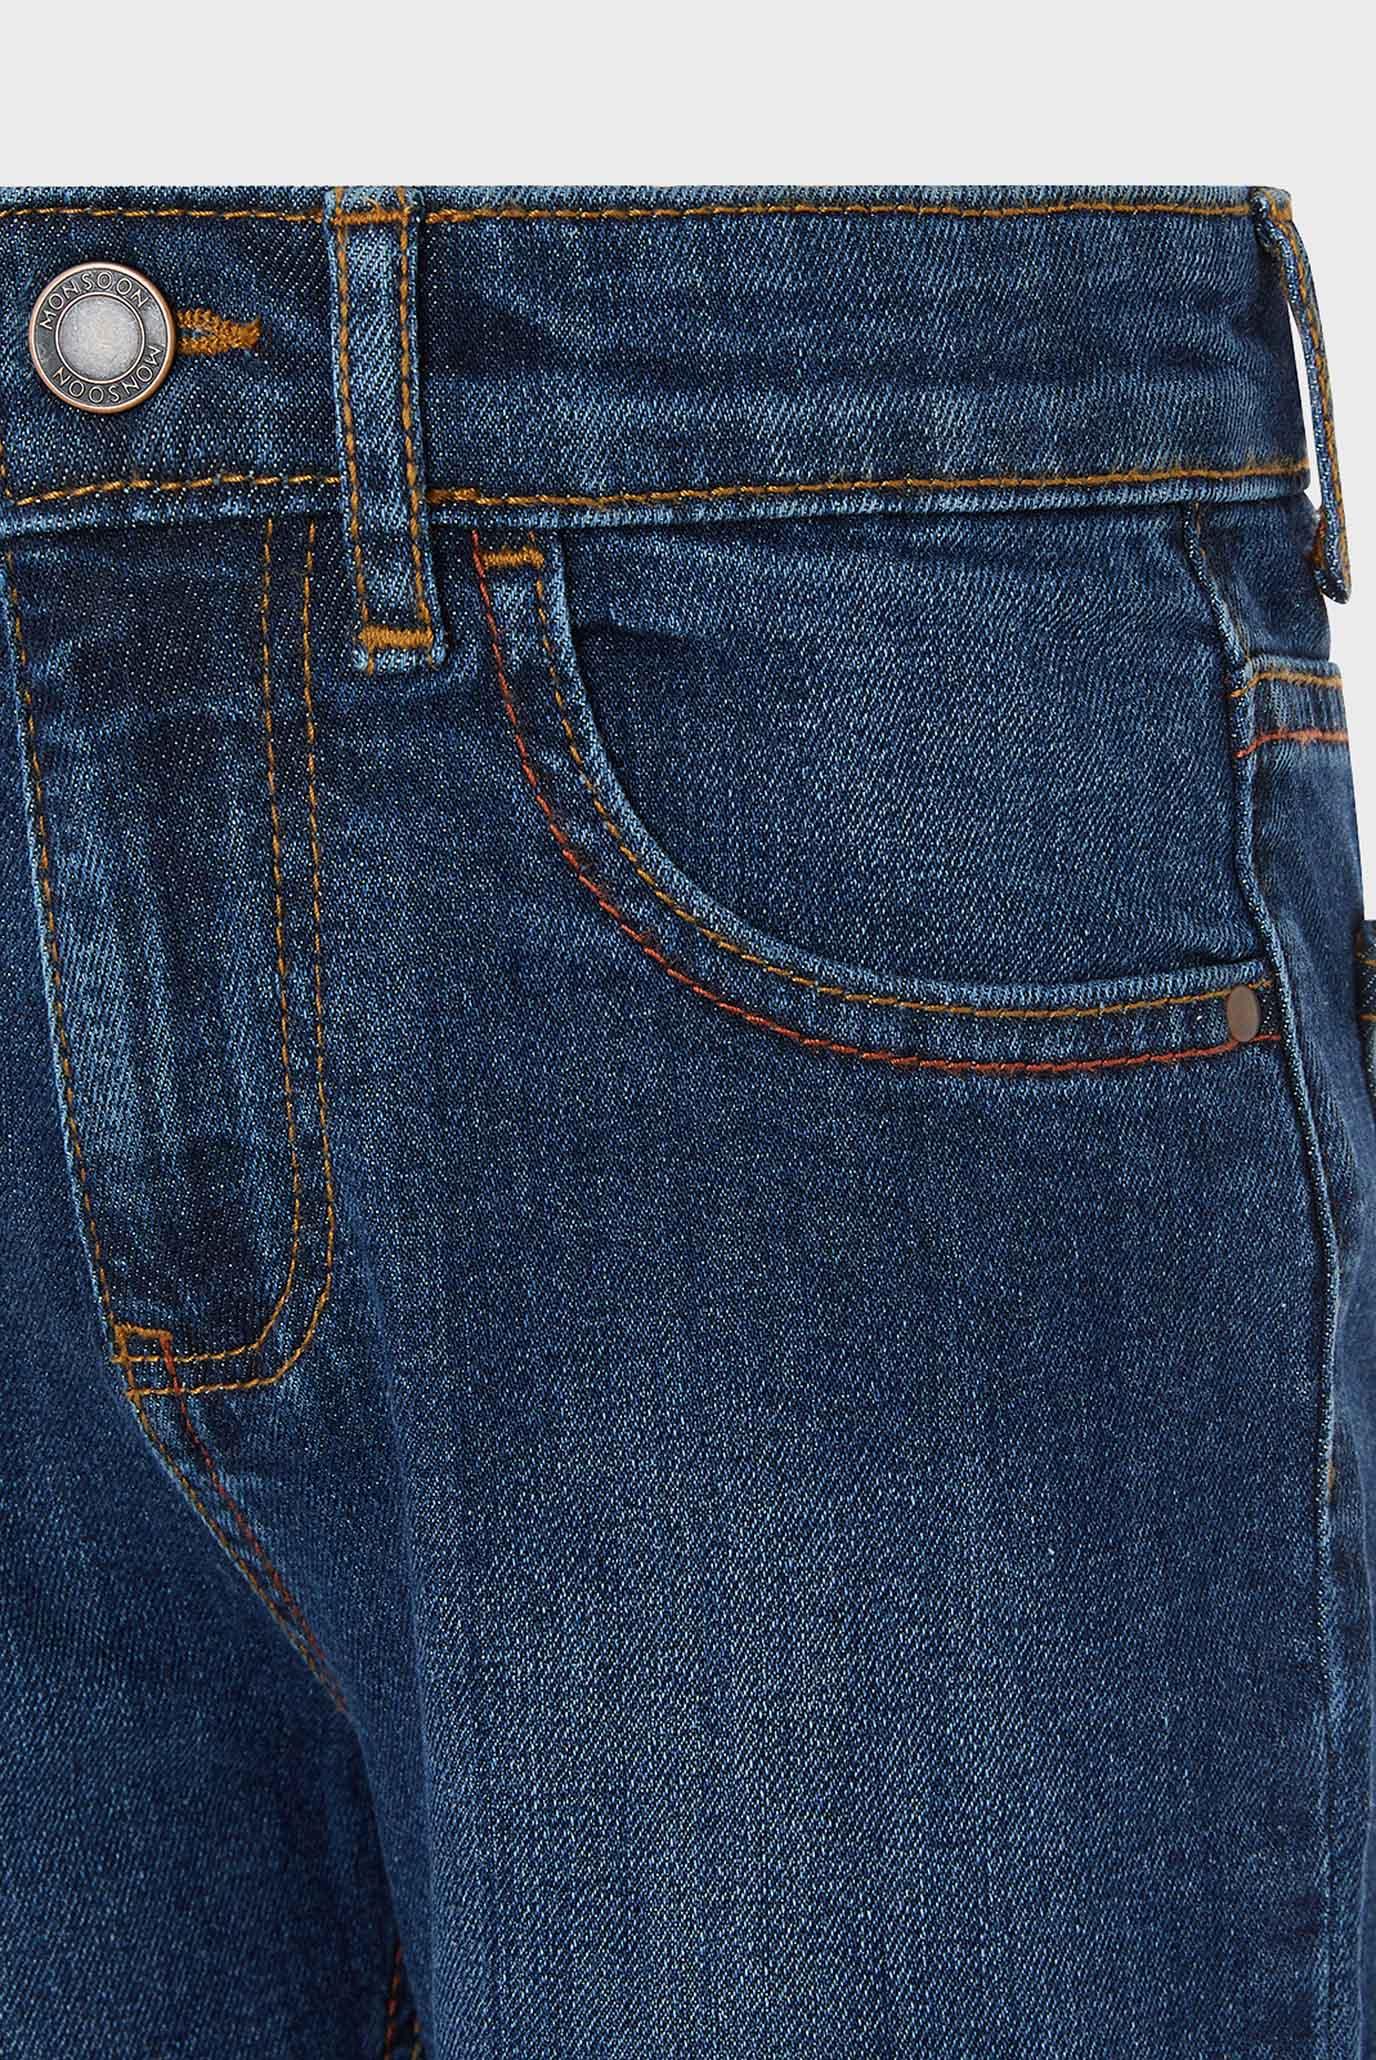 Купить Детские темно-синие джинсовые шорты Dougie  Monsoon Children Monsoon Children 616683 – Киев, Украина. Цены в интернет магазине MD Fashion